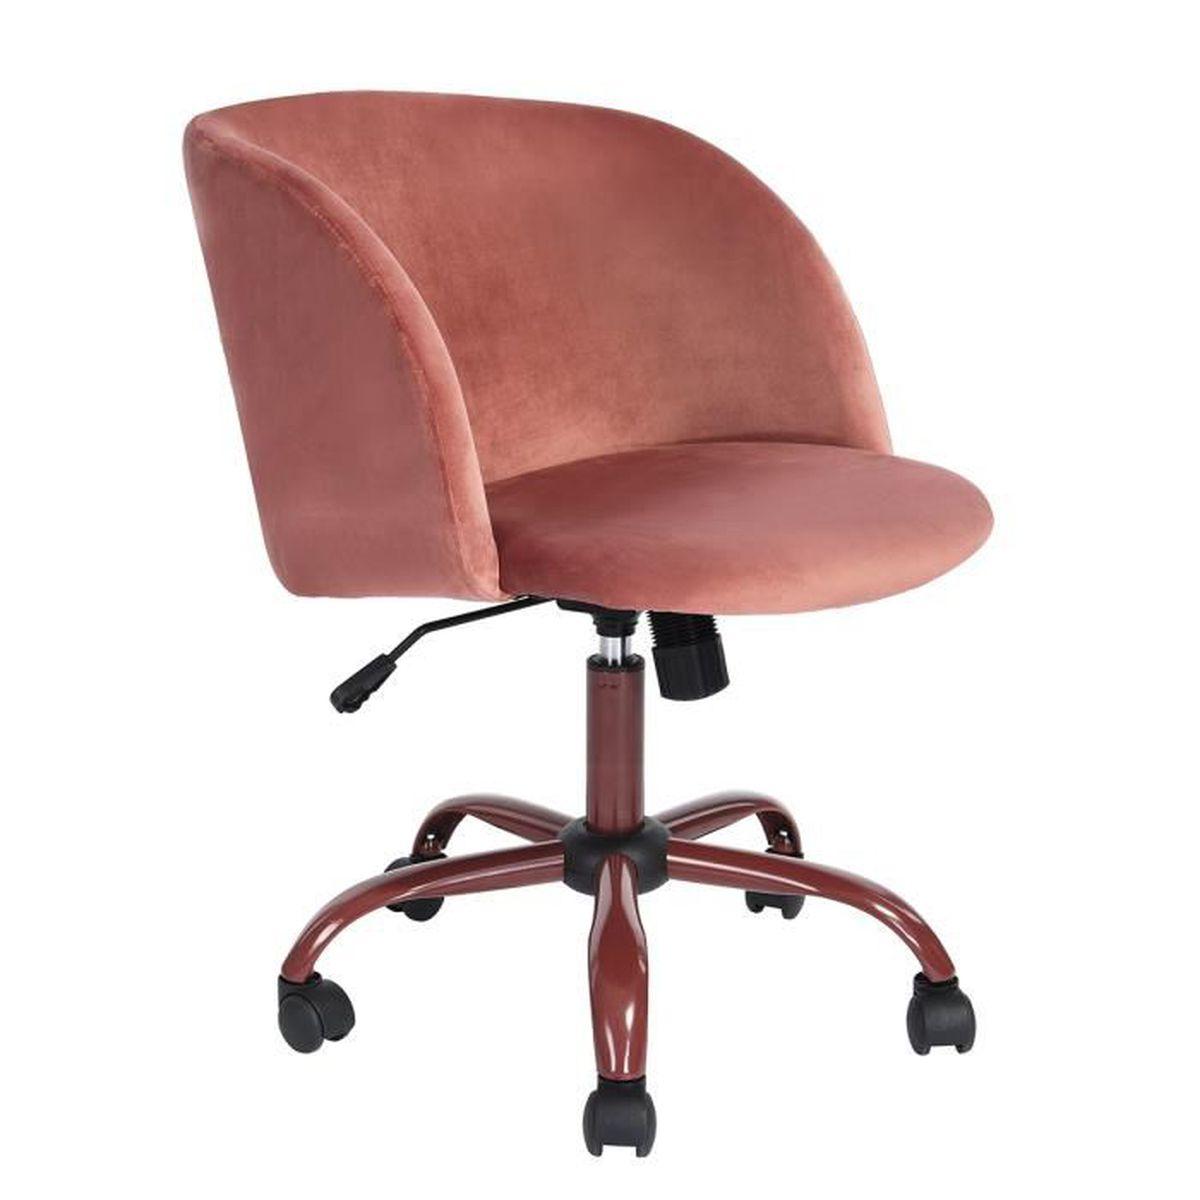 velours velours velours bureau velours velours Chaise Chaise bureau bureau bureau Chaise Chaise bureau Chaise OTPkXZiu